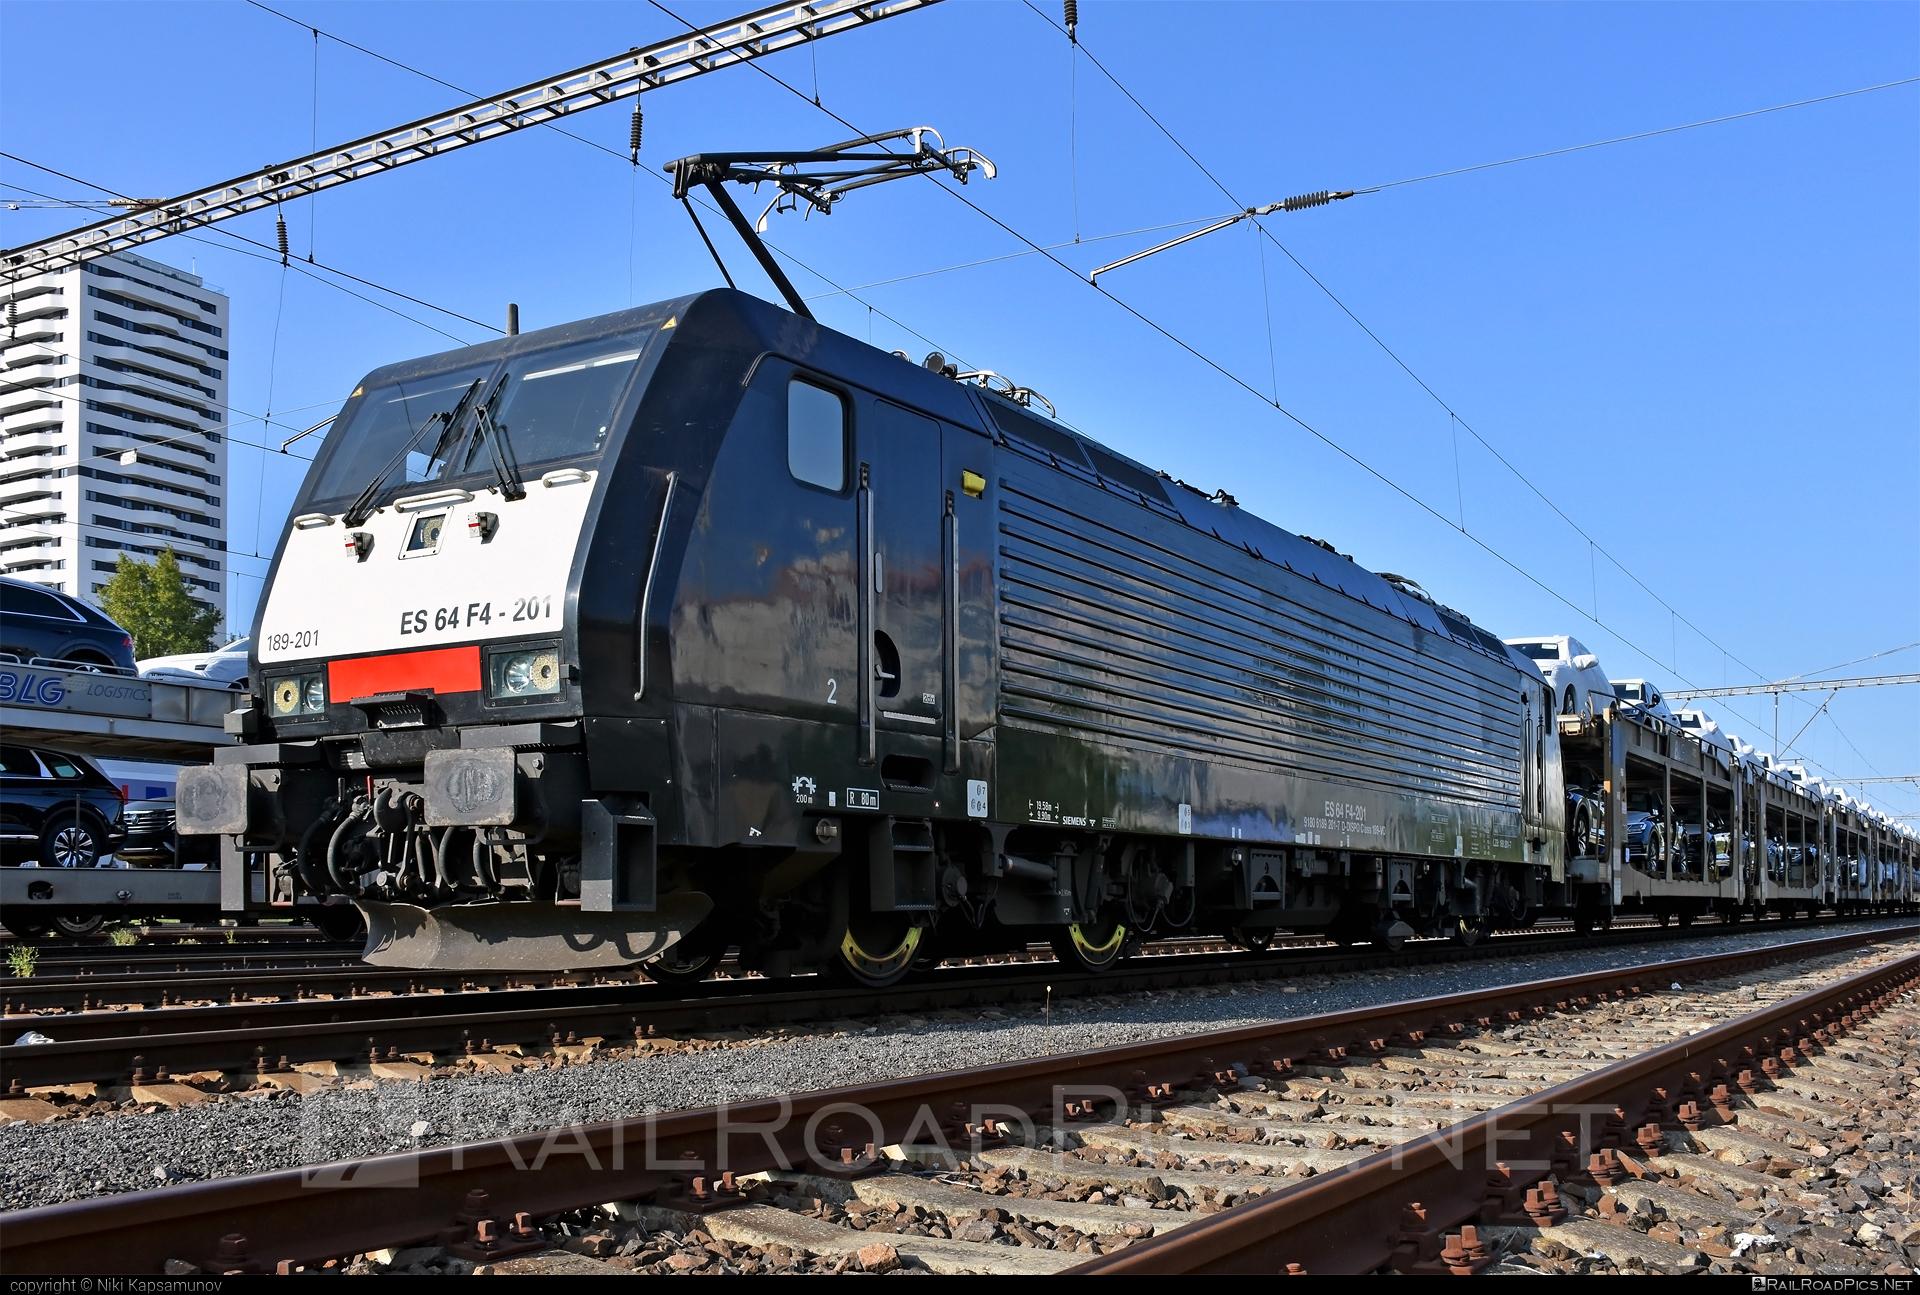 Siemens ES 64 F4 - 189 201-7 operated by ecco-rail GmbH #blg #carcarrierwagon #dispolok #ecco-rail #eccorail #eccorailgmbh #es64 #es64f4 #eurosprinter #mitsuirailcapitaleurope #mitsuirailcapitaleuropegmbh #mrce #siemens #siemenses64 #siemenses64f4